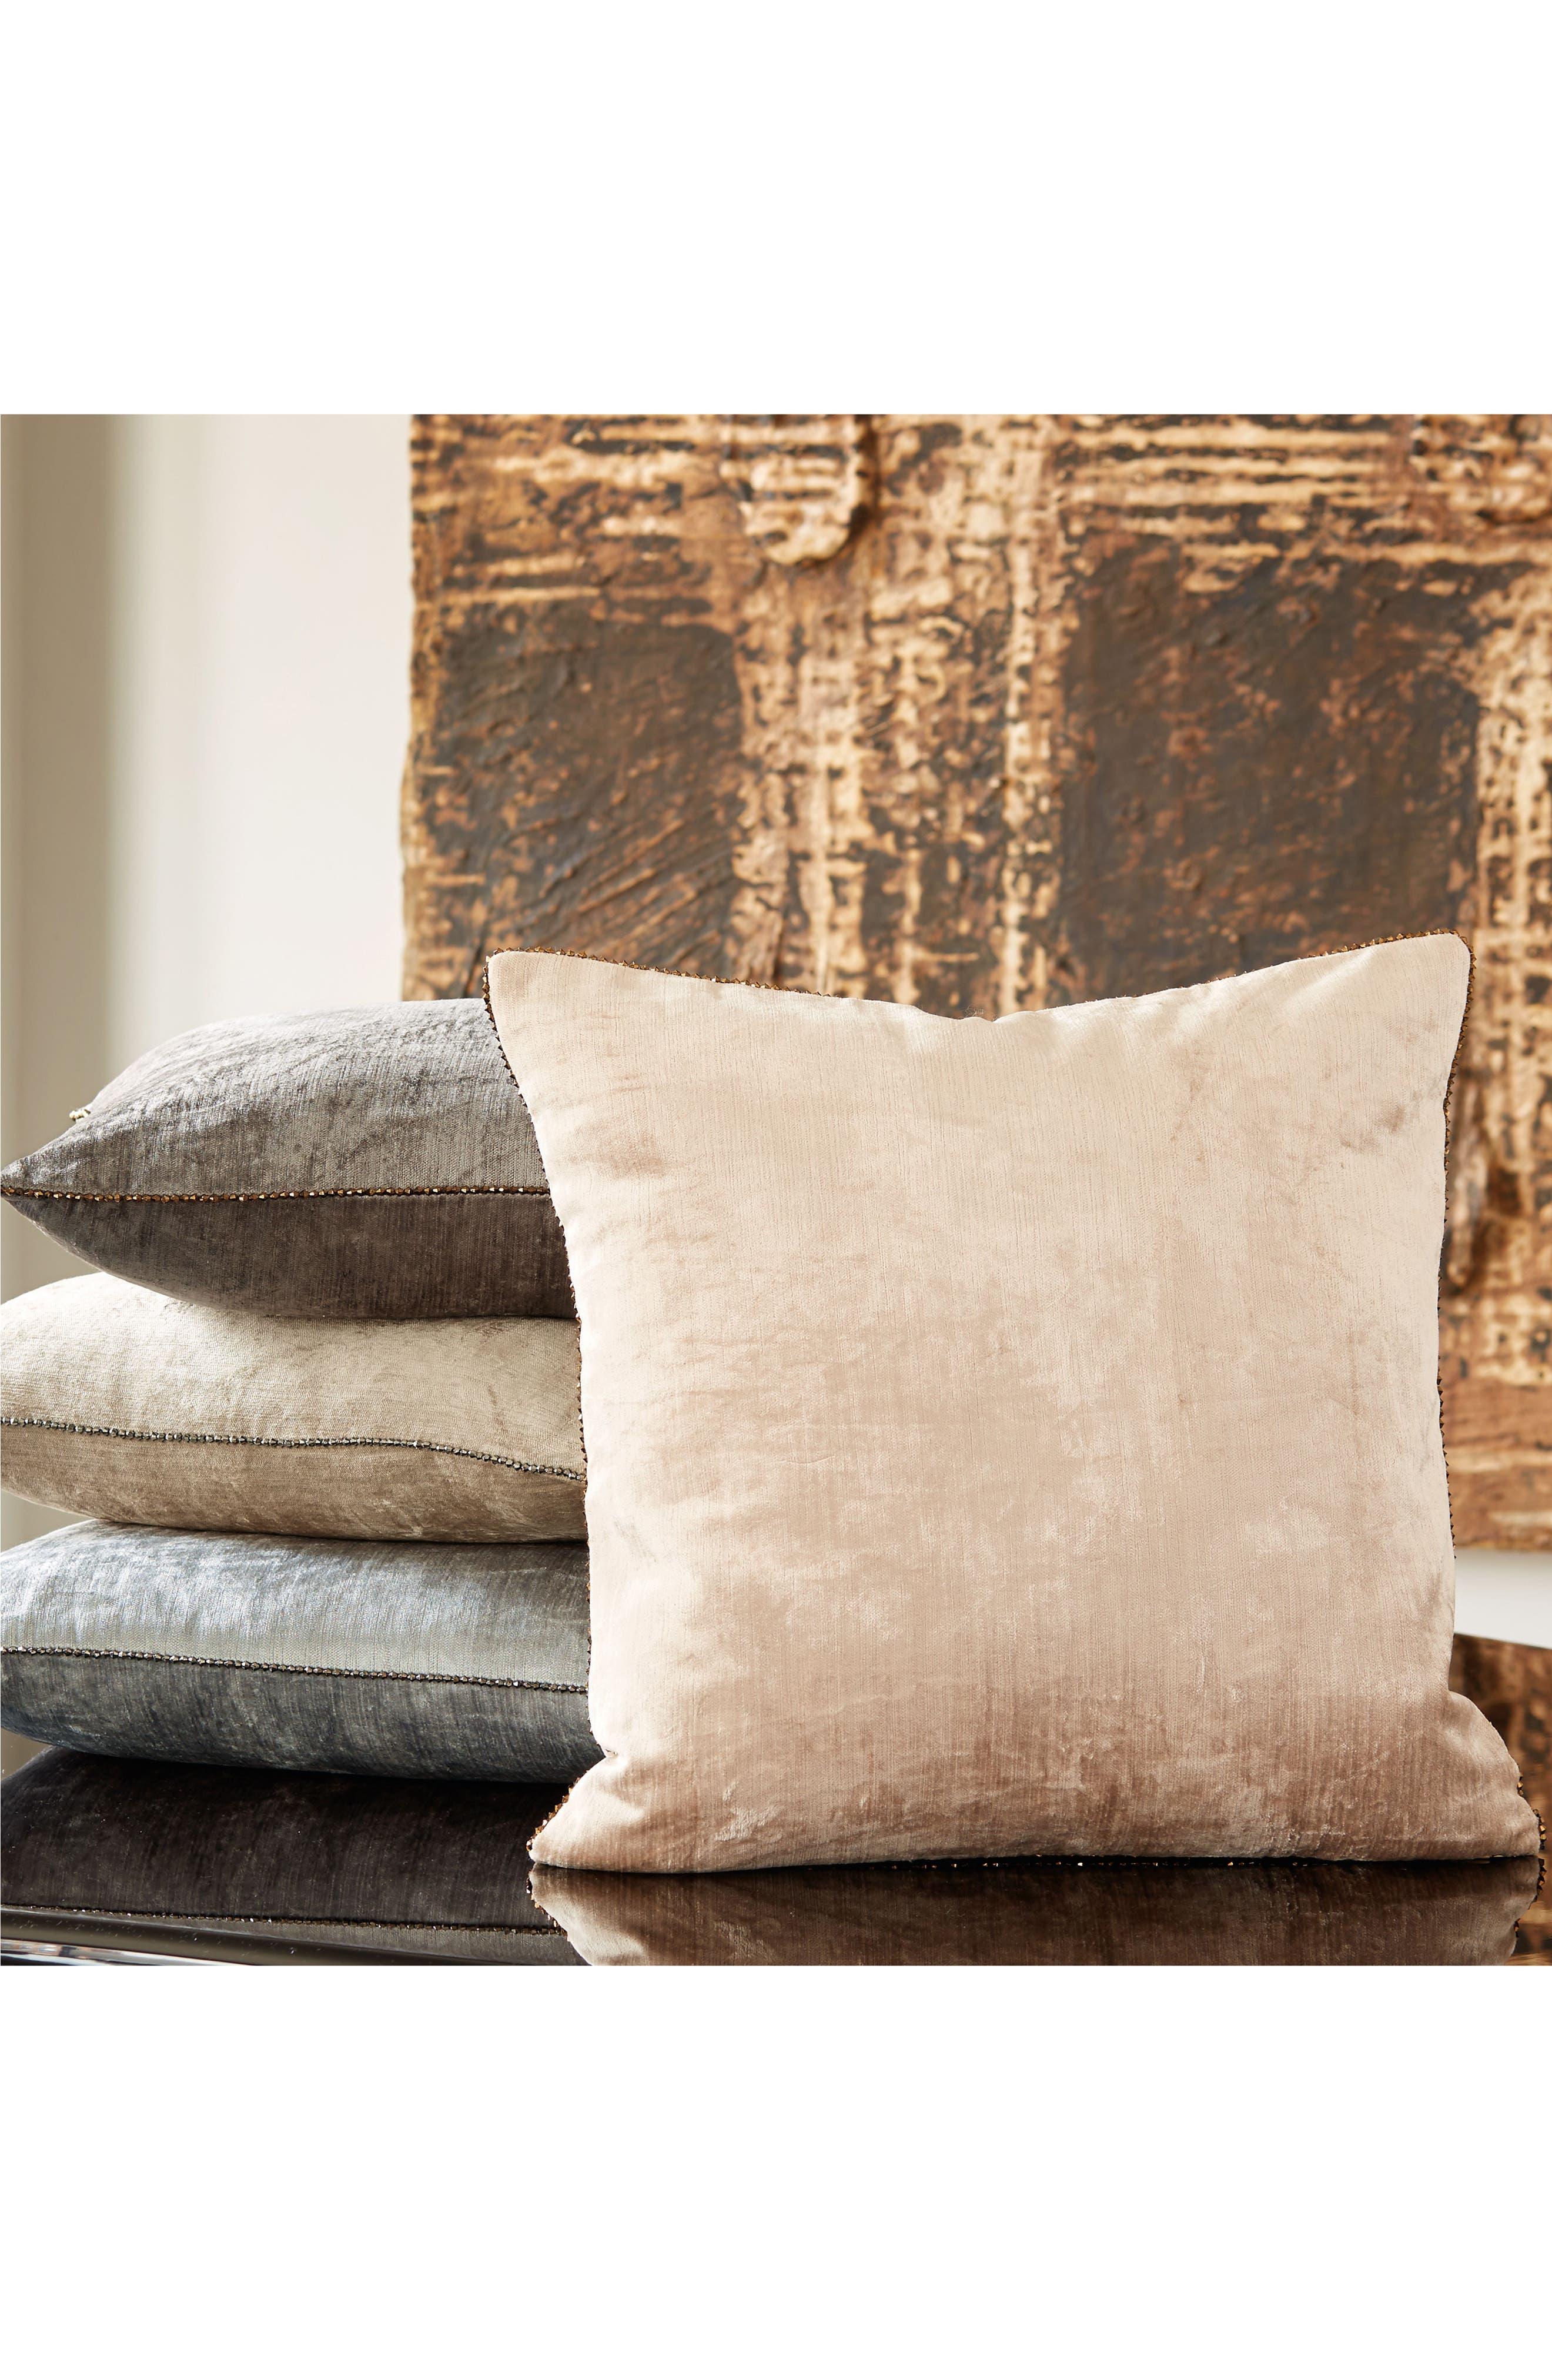 Velvet Accent Pillow,                             Alternate thumbnail 2, color,                             Grey